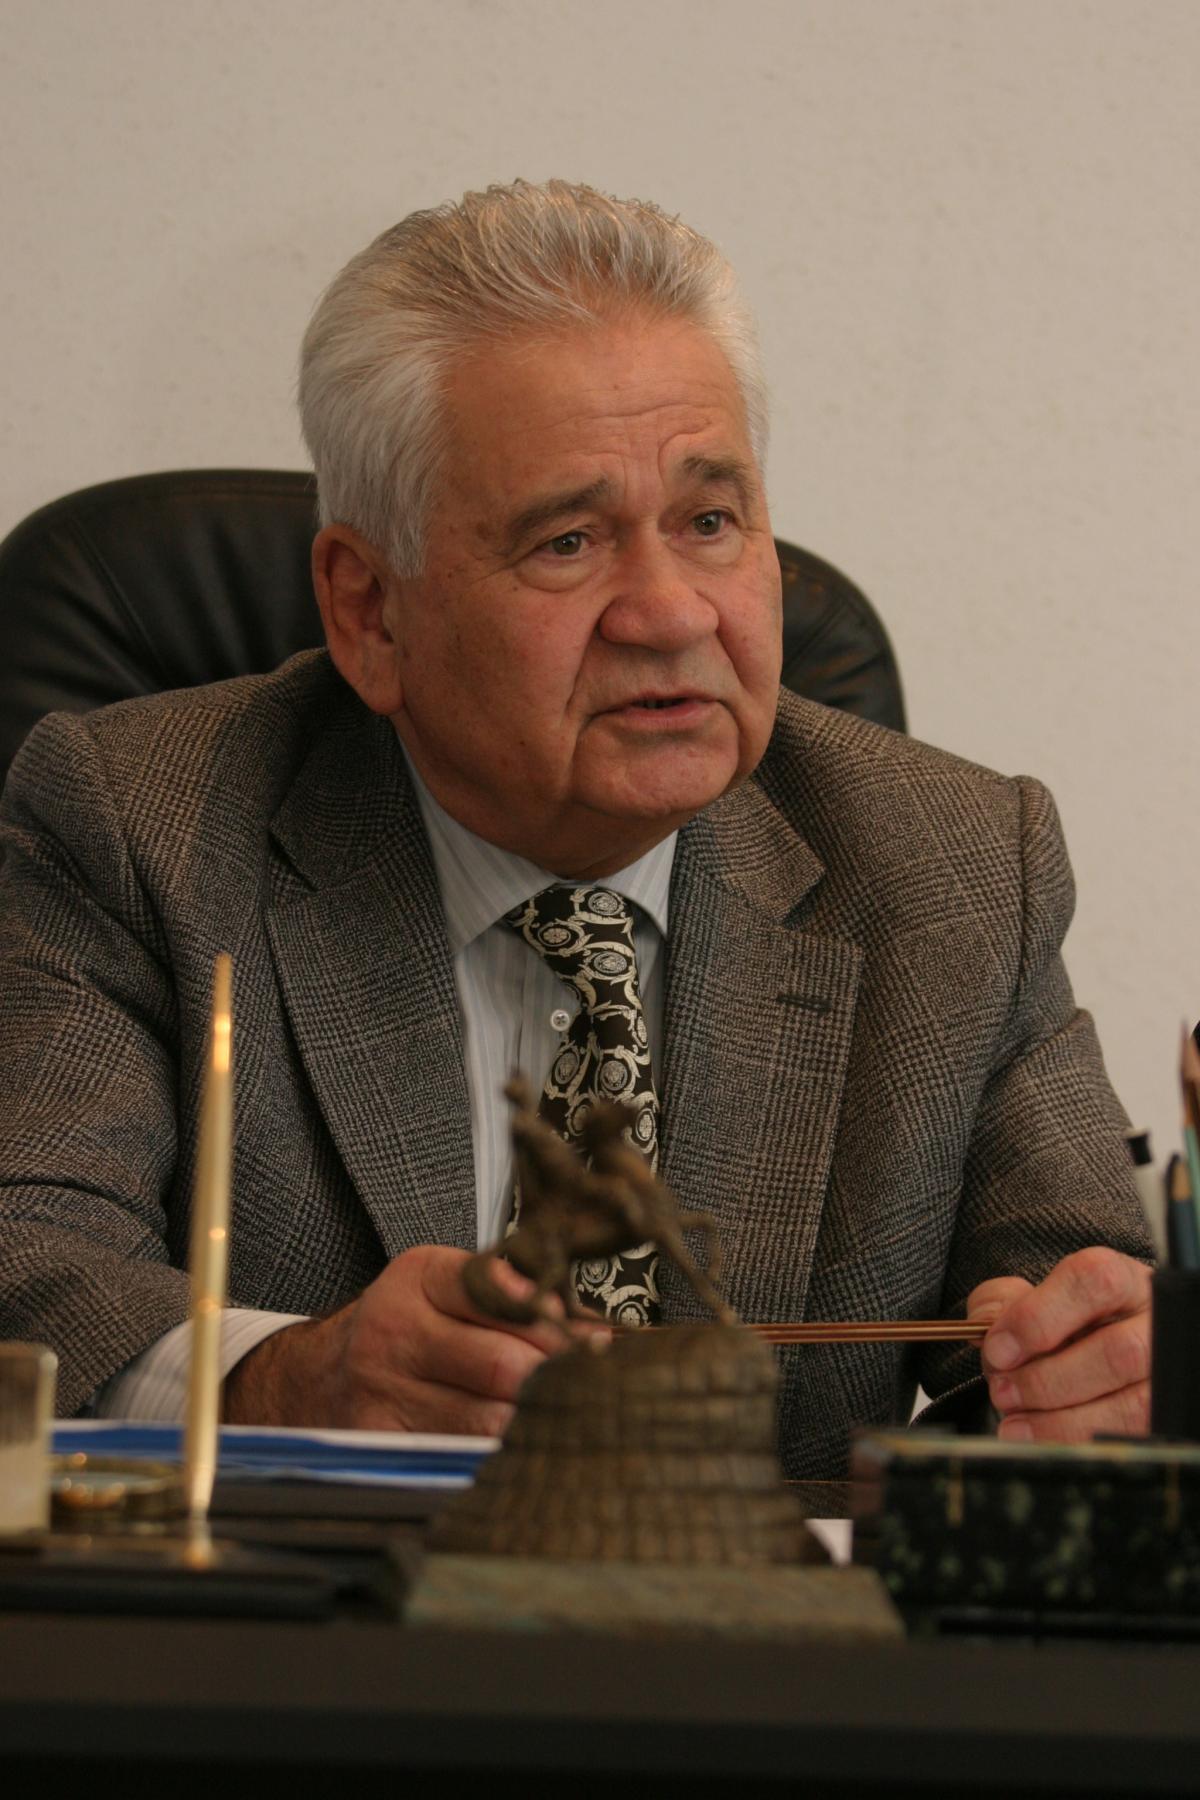 """Фокин заявил, что """"никогда не будет врагом России"""" / фото Википедия"""